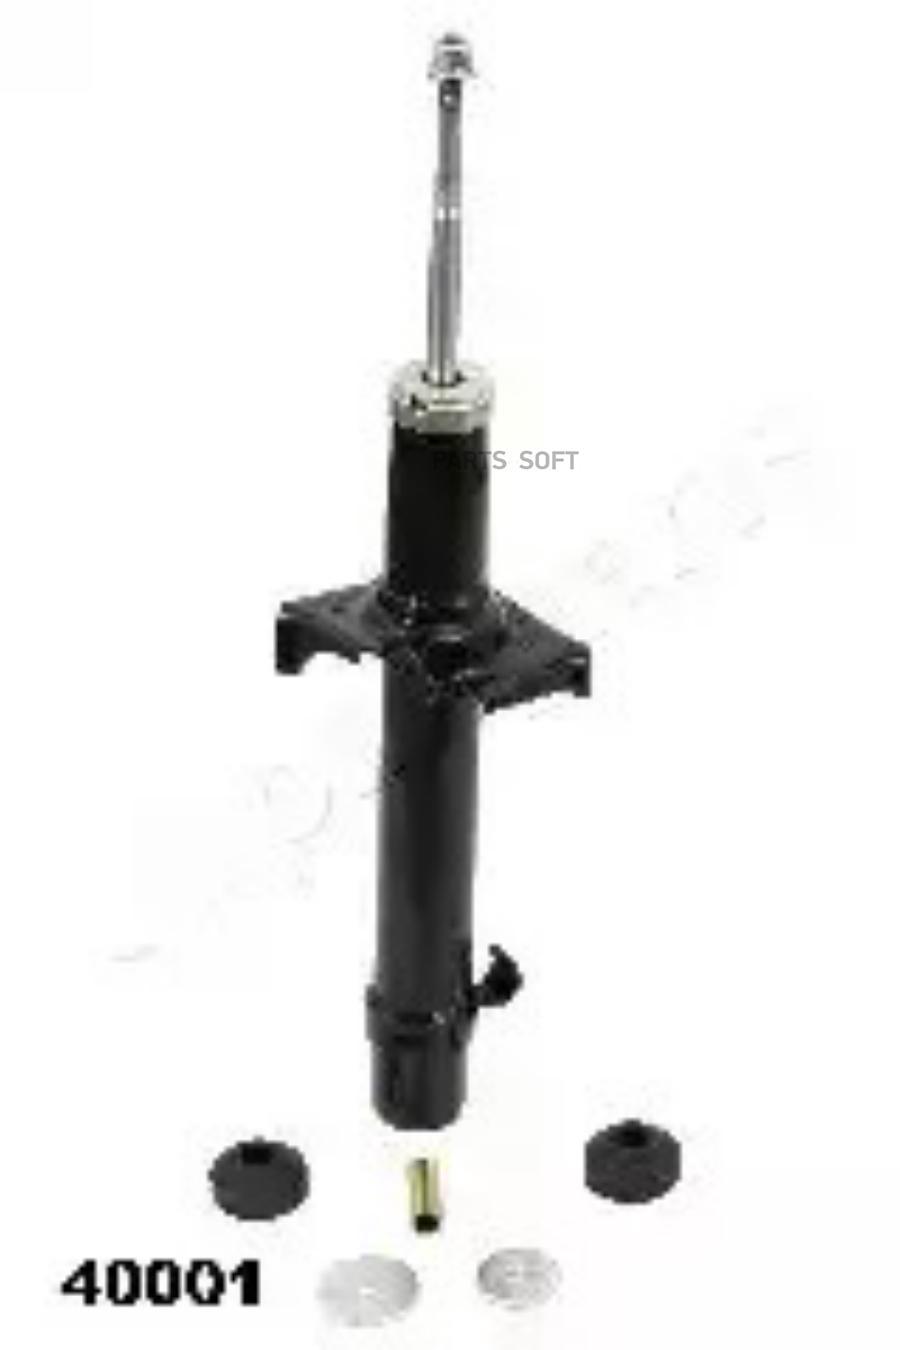 Амортизатор восстановленный передний HONDA ACCORD VIII (CU) 08-15,ACCORD VIII универсал 08-н.в. MSG Rebuilding HO1402R